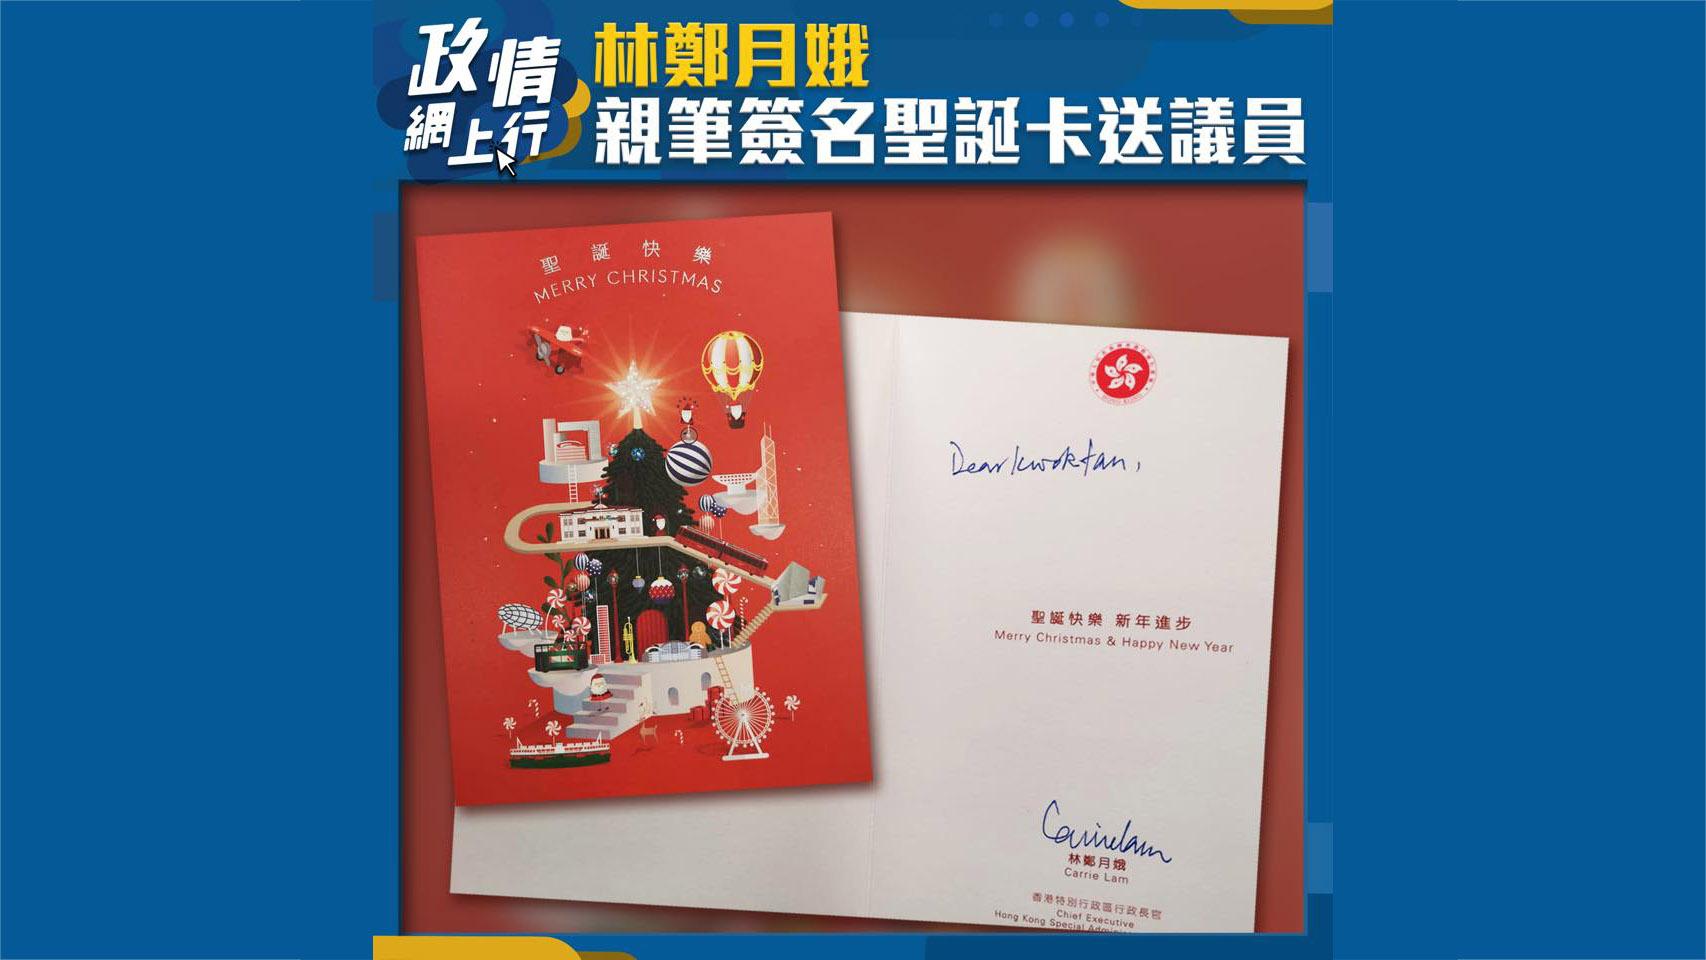 【政情網上行】林鄭月娥親筆簽名聖誕卡送議員